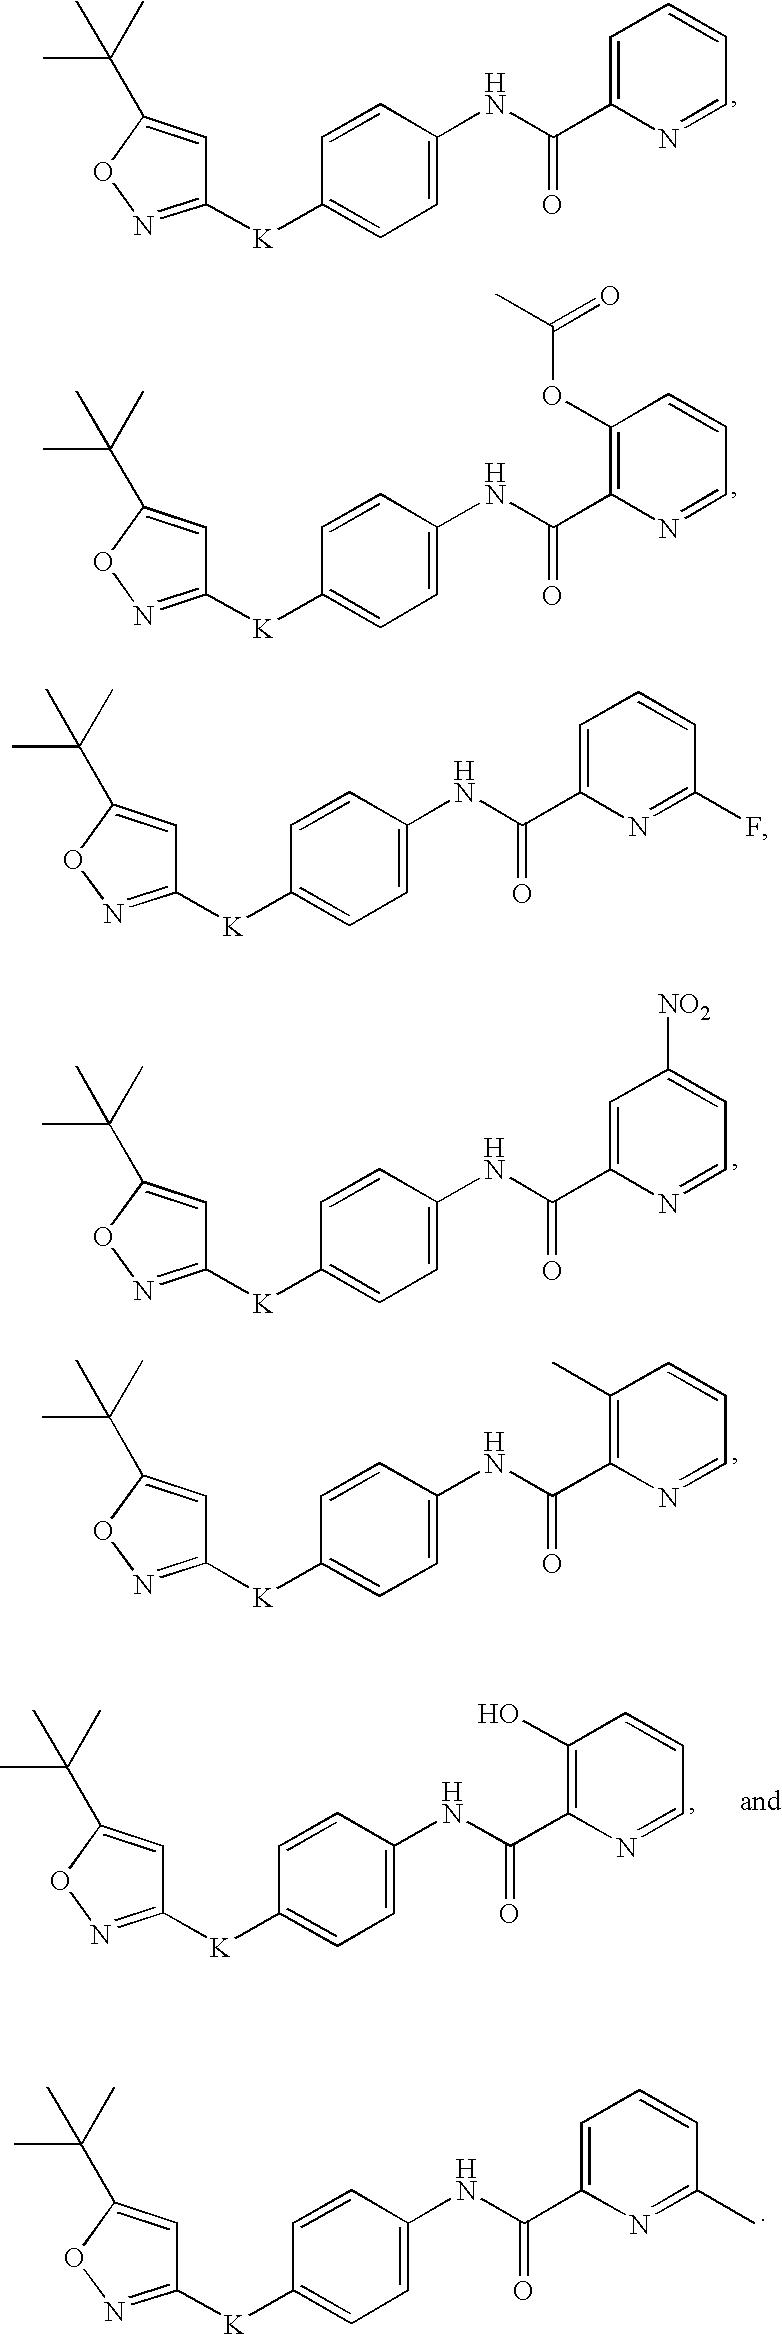 Figure US07767670-20100803-C00362